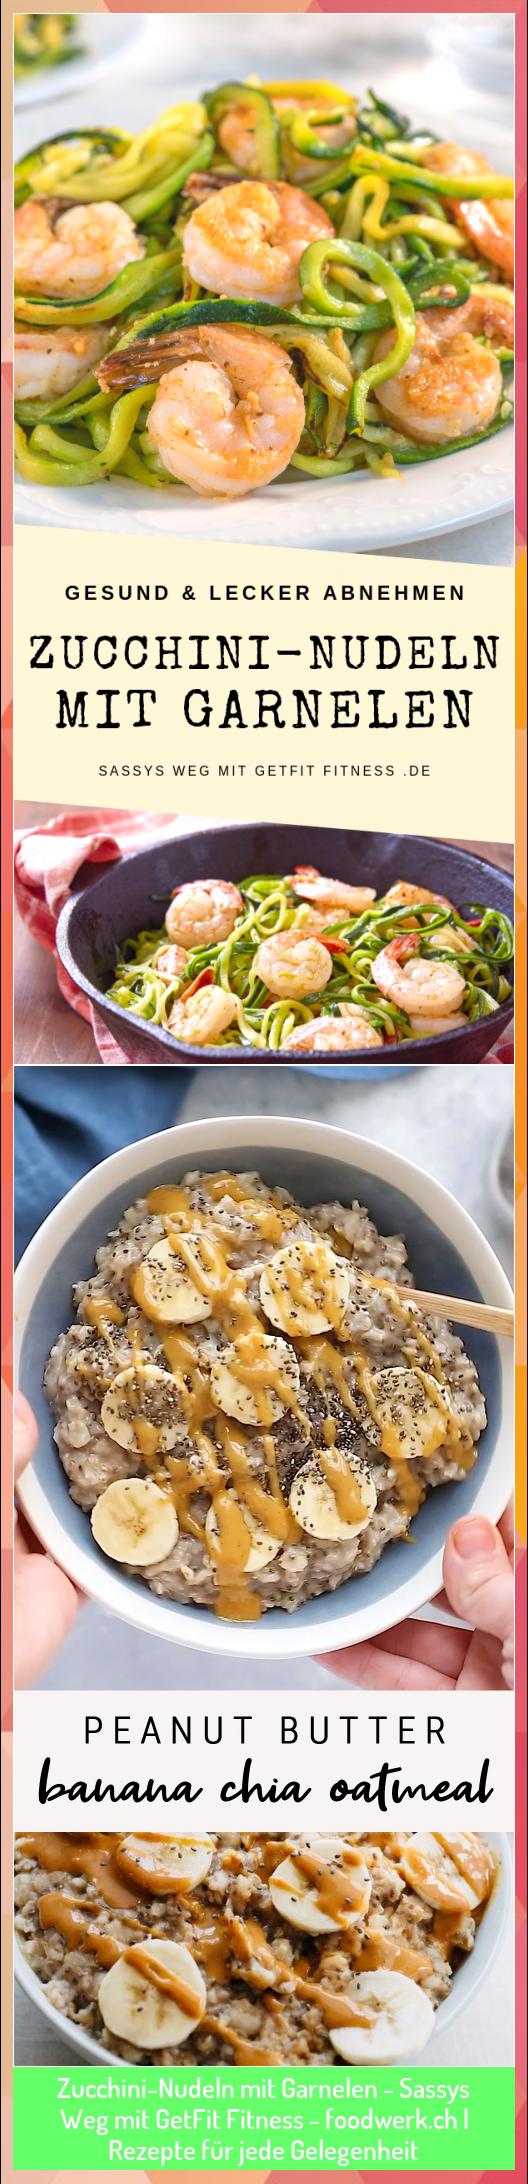 Zucchini-Nudeln mit Garnelen - Sassys Weg mit GetFit Fitness - foodwerk.ch | Rezepte für jede Gelege...